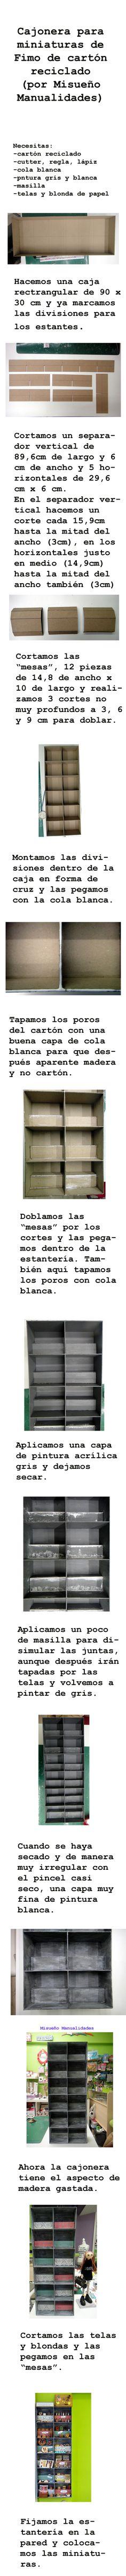 Paso a paso para hacer una estantería de cartón reciclado, en mi caso para las miniaturas de Fimo. www.misuenyo.com / www.misuenyo.es